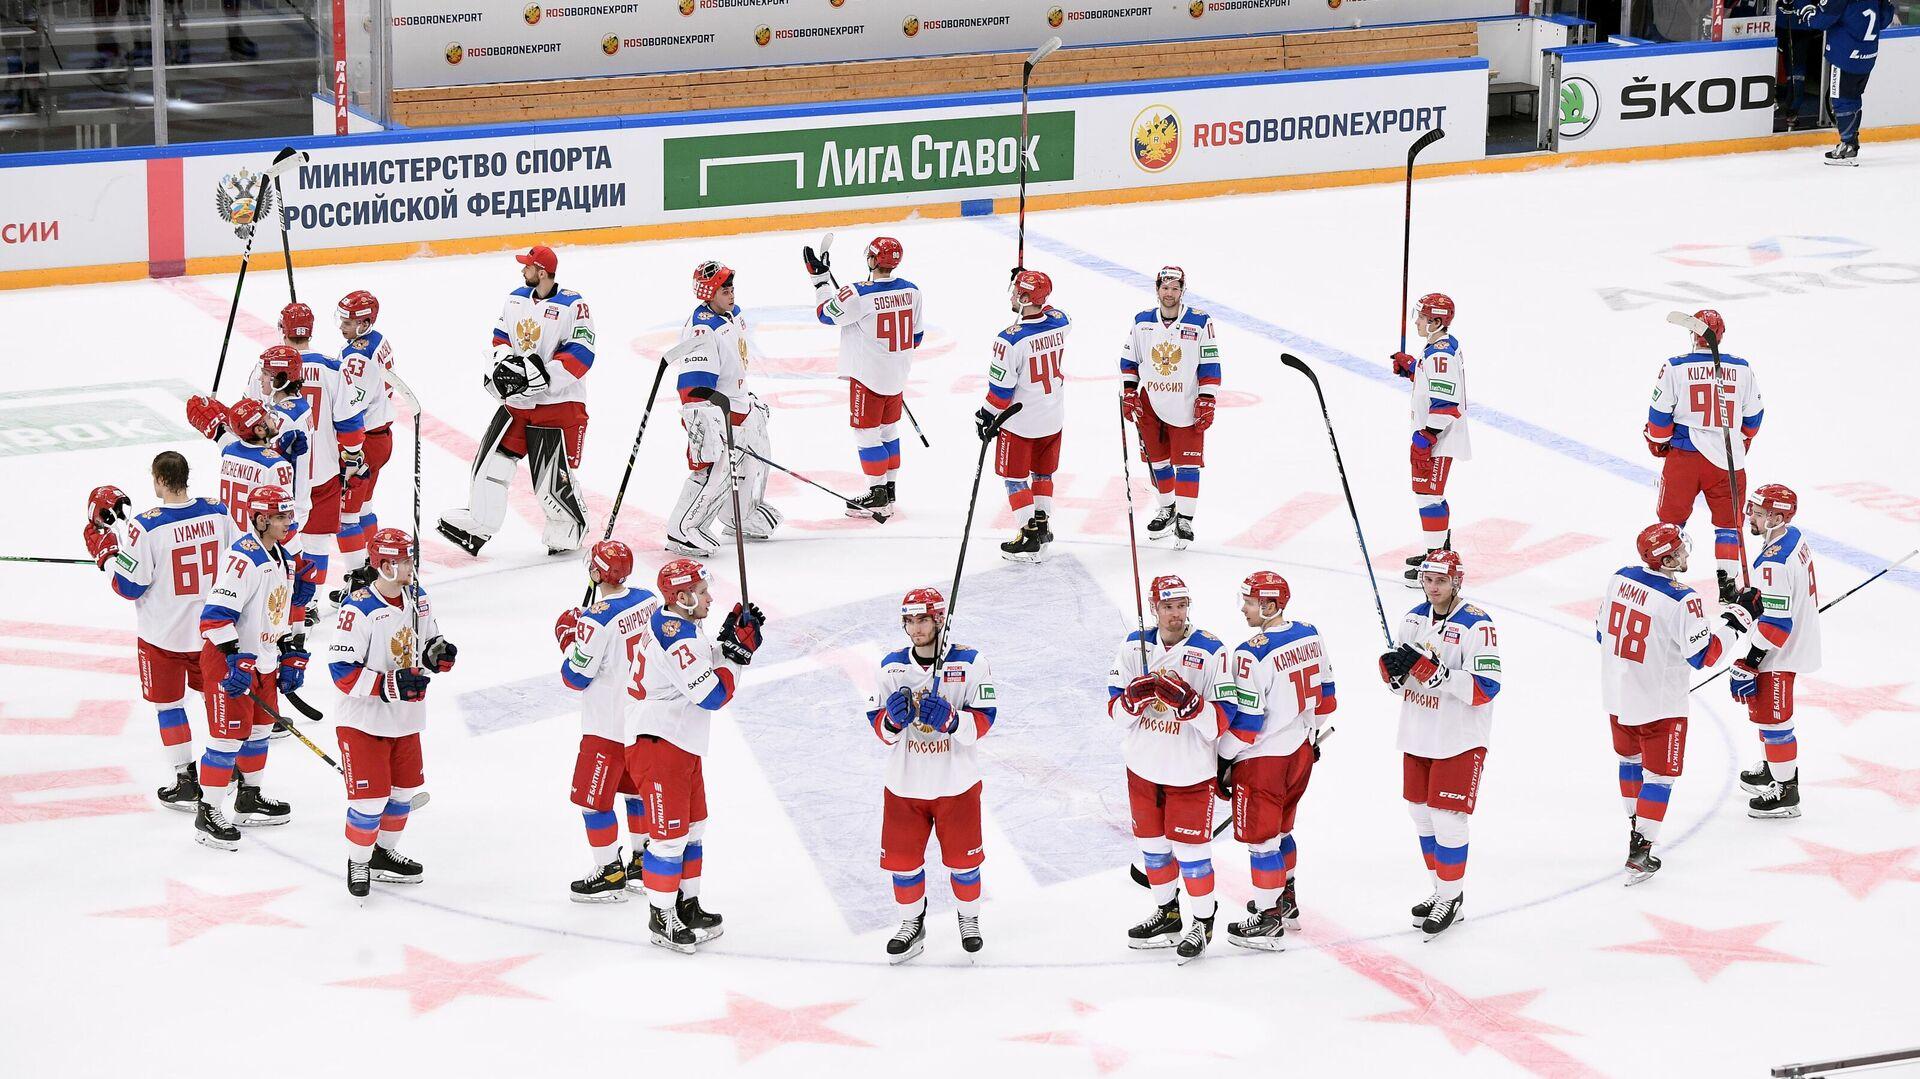 Игроки сборной России - РИА Новости, 1920, 21.12.2020